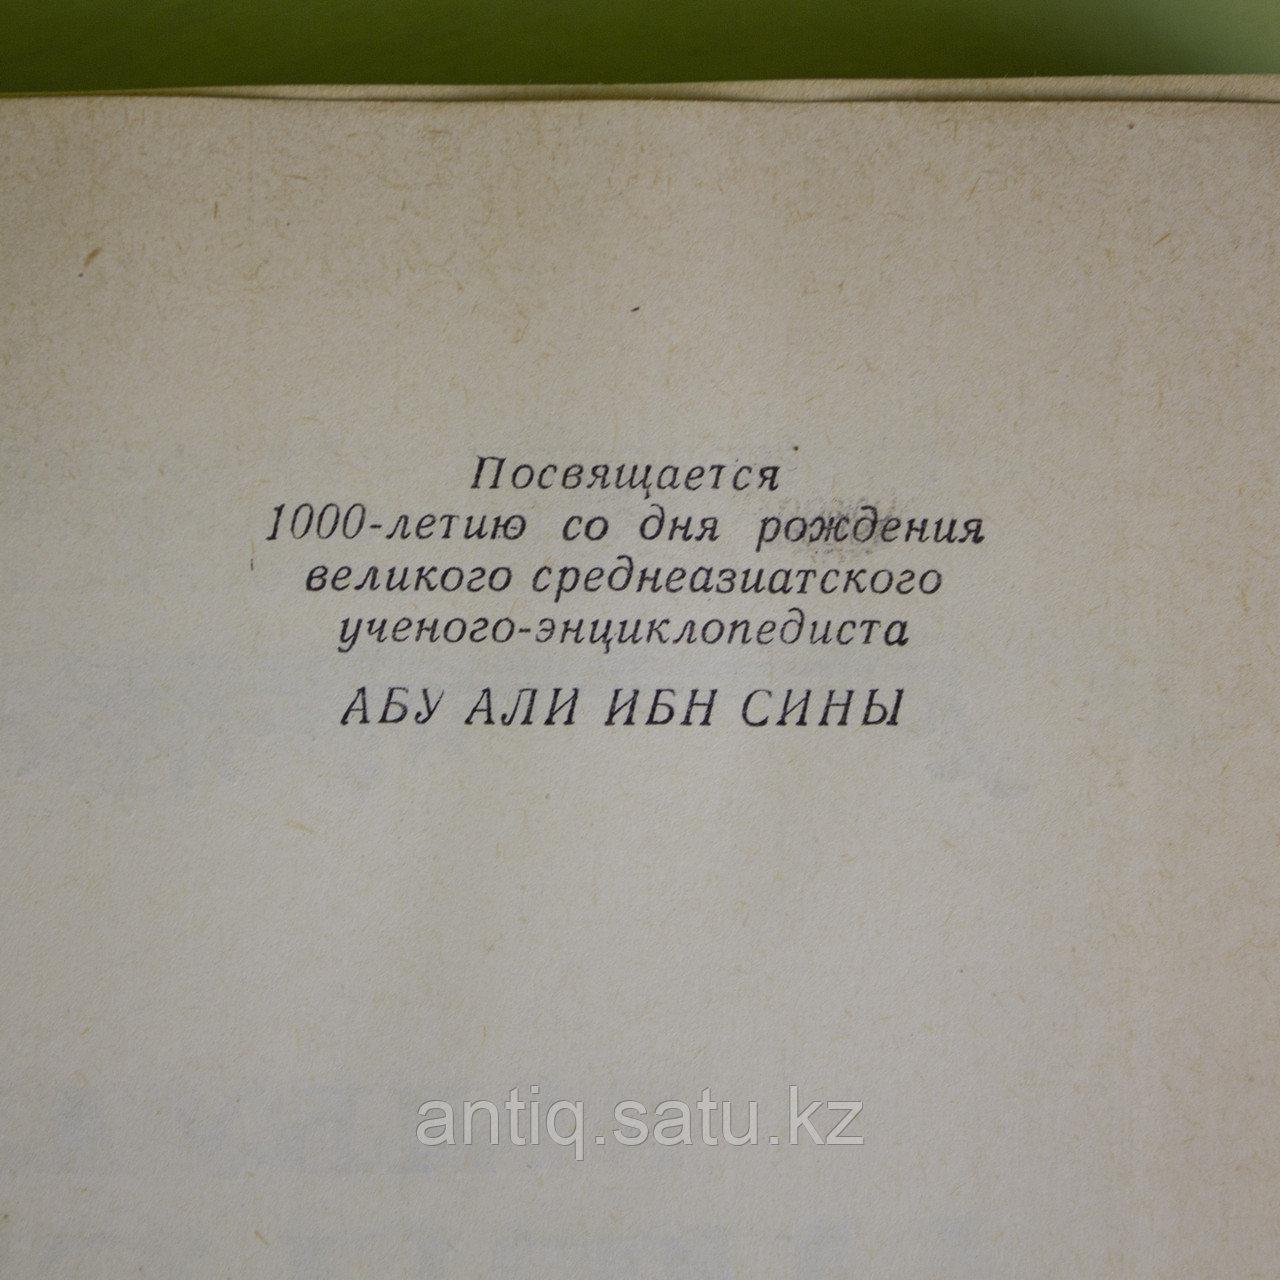 Канон врачебной науки. Автор: Абу Али ибн Сина. В авторском подарочном кейсе из натуральной кожи с тиснением. - фото 9